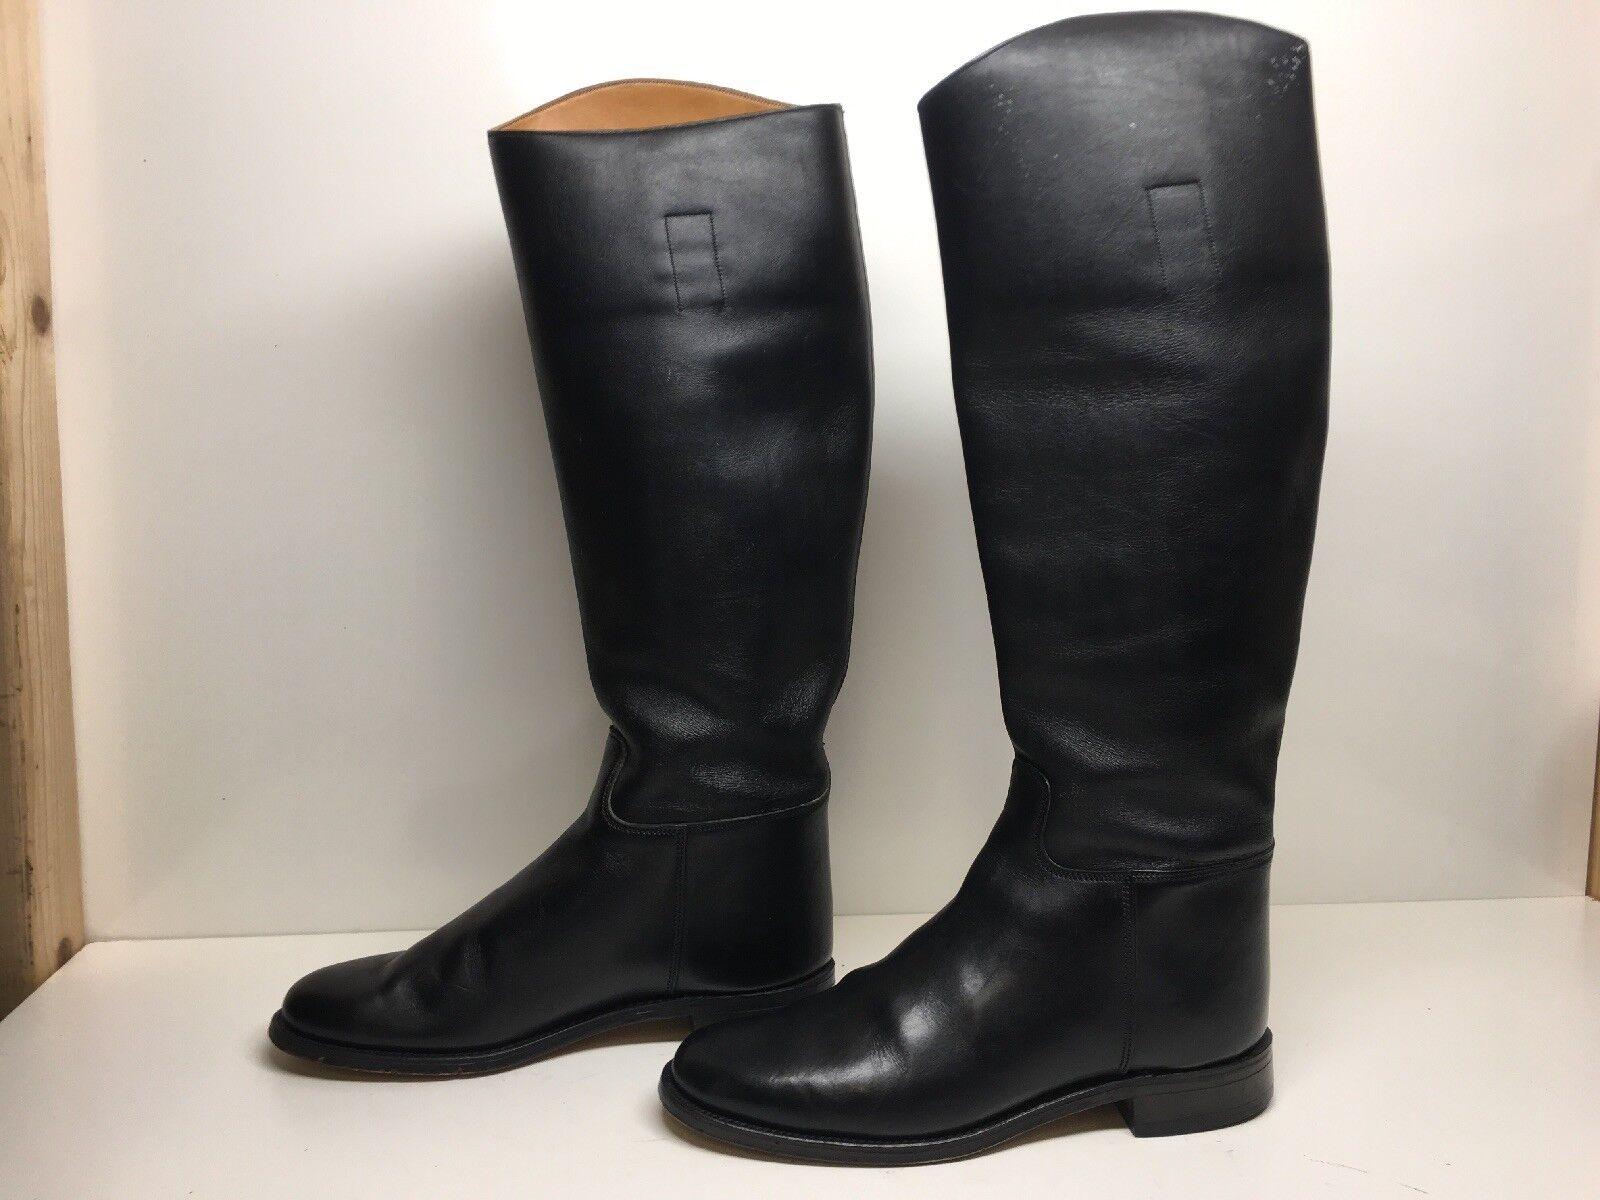 Vintage mujeres Marlborough Marlborough Marlborough Equitación Negro botas Talla 5.5 C  cómodamente